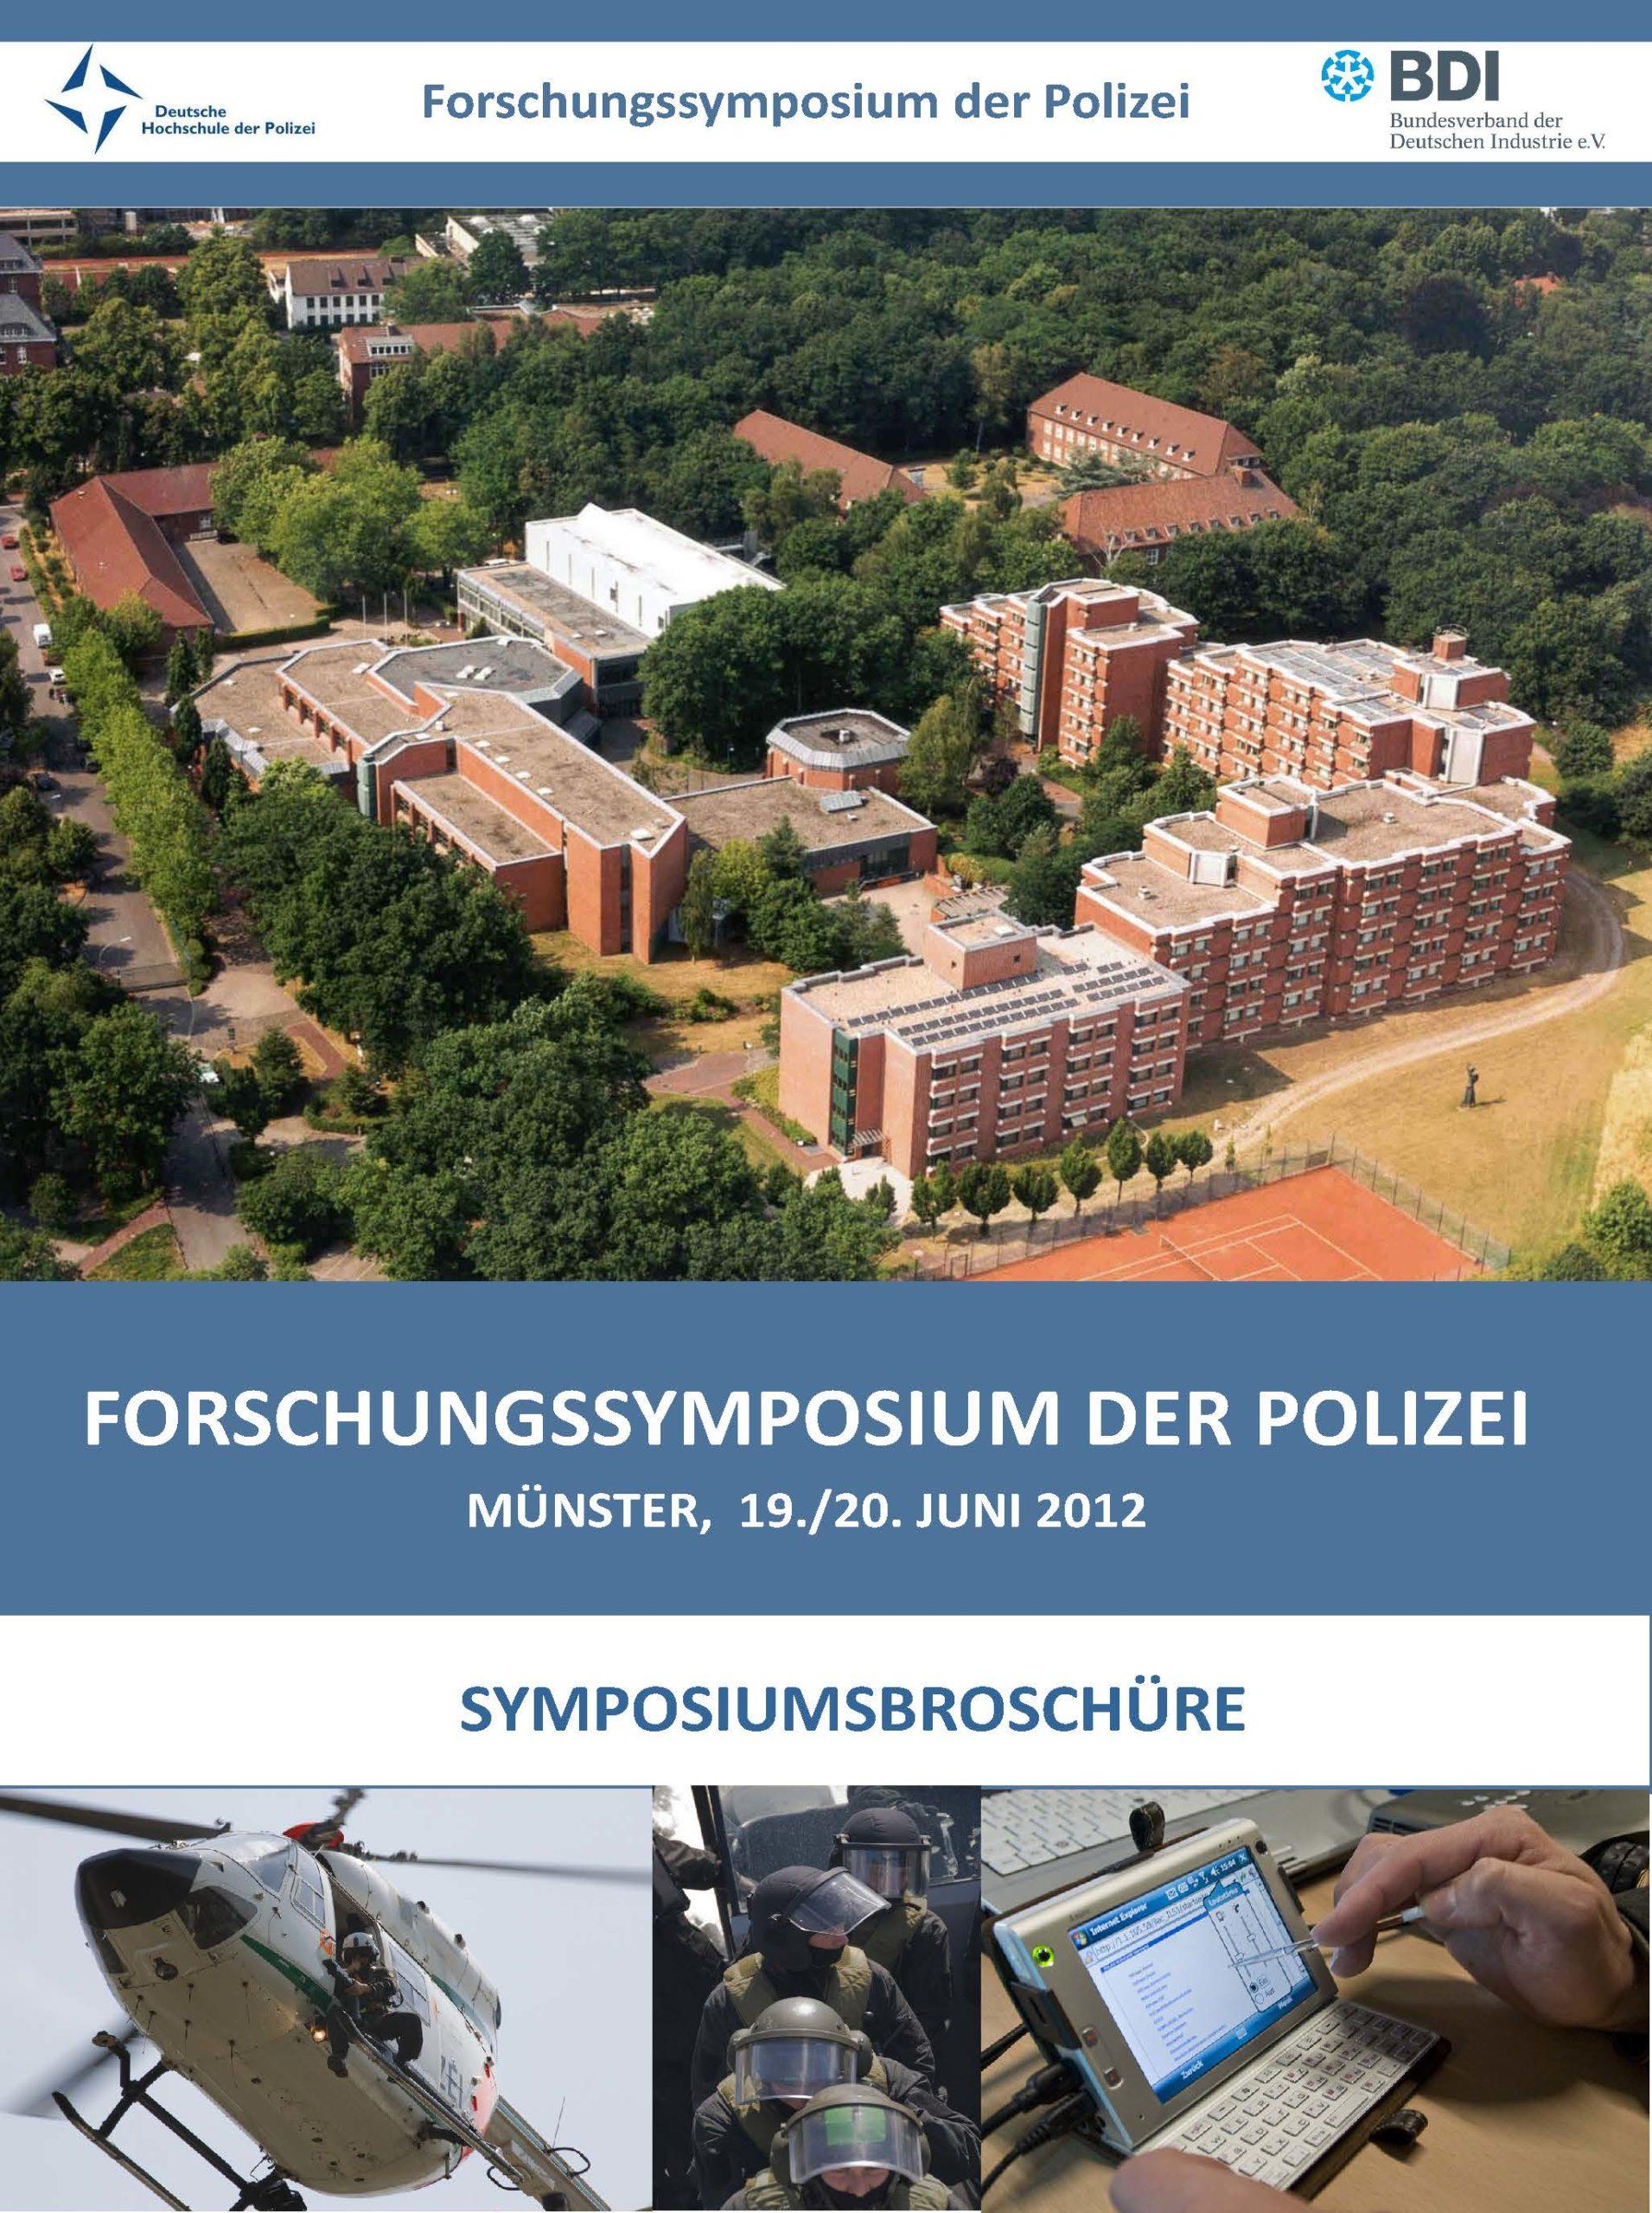 Forschungssymposium Polizei Print Flyer